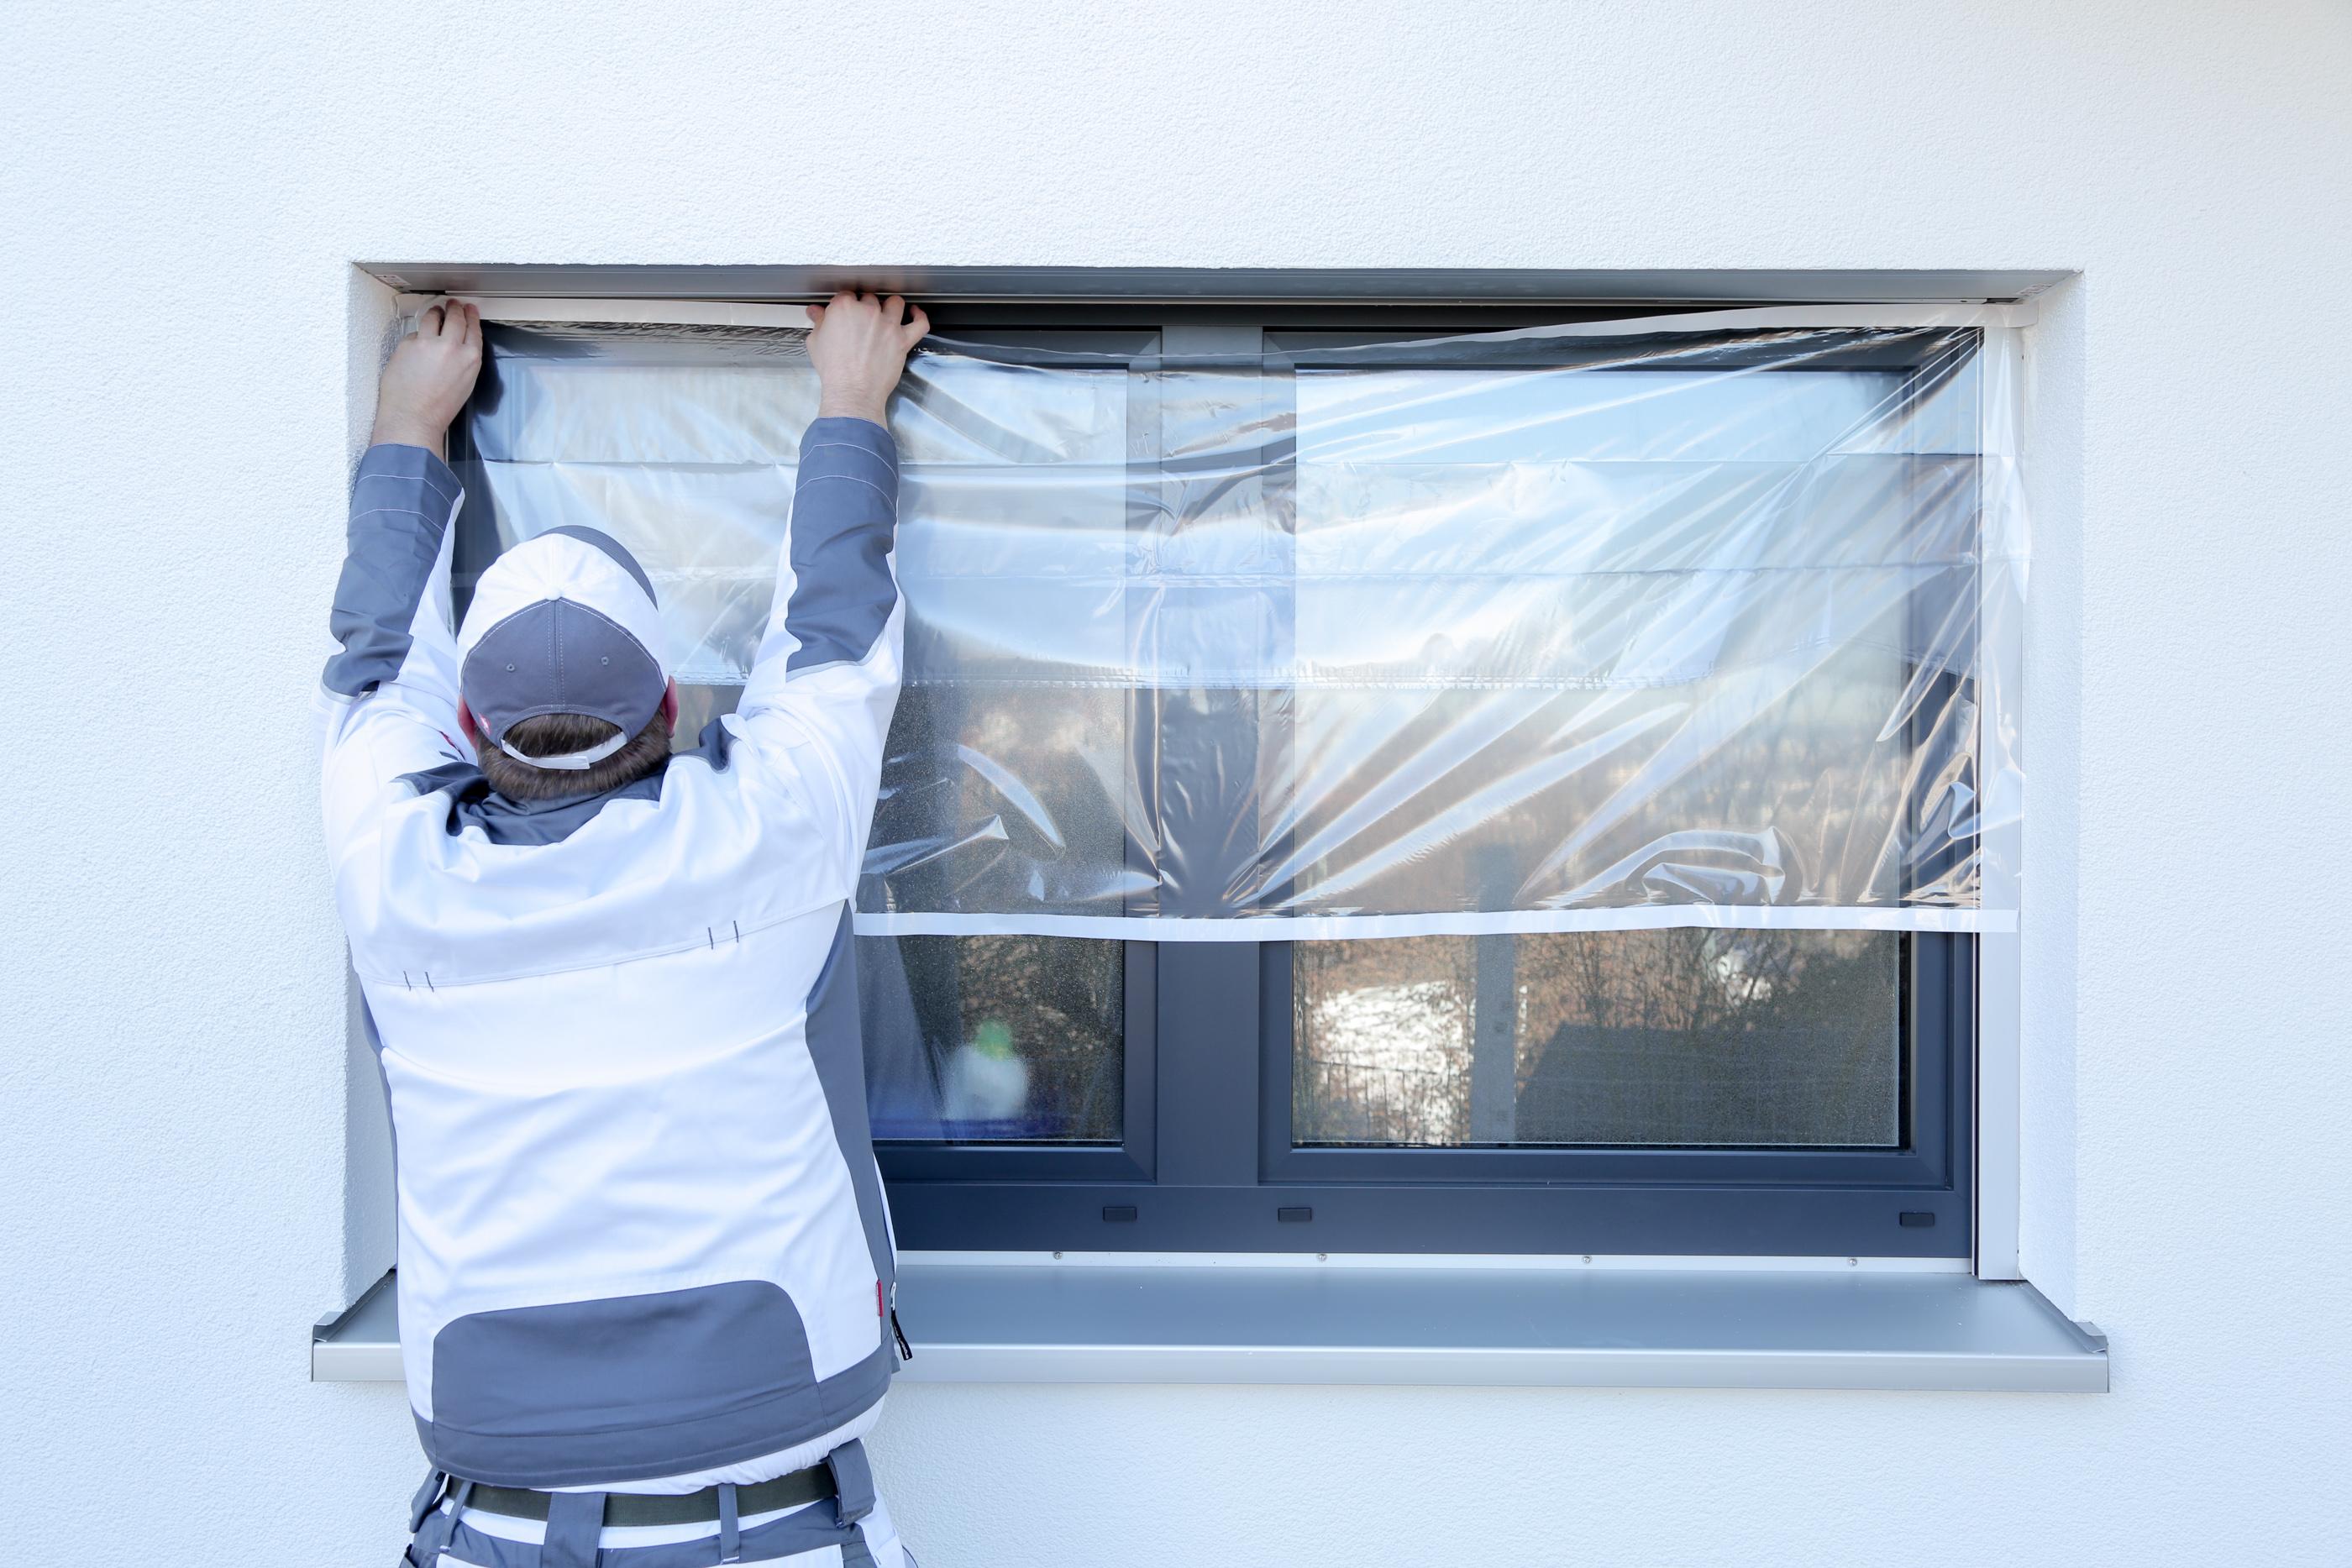 abdeckfolie zitra fol fenster maler. Black Bedroom Furniture Sets. Home Design Ideas